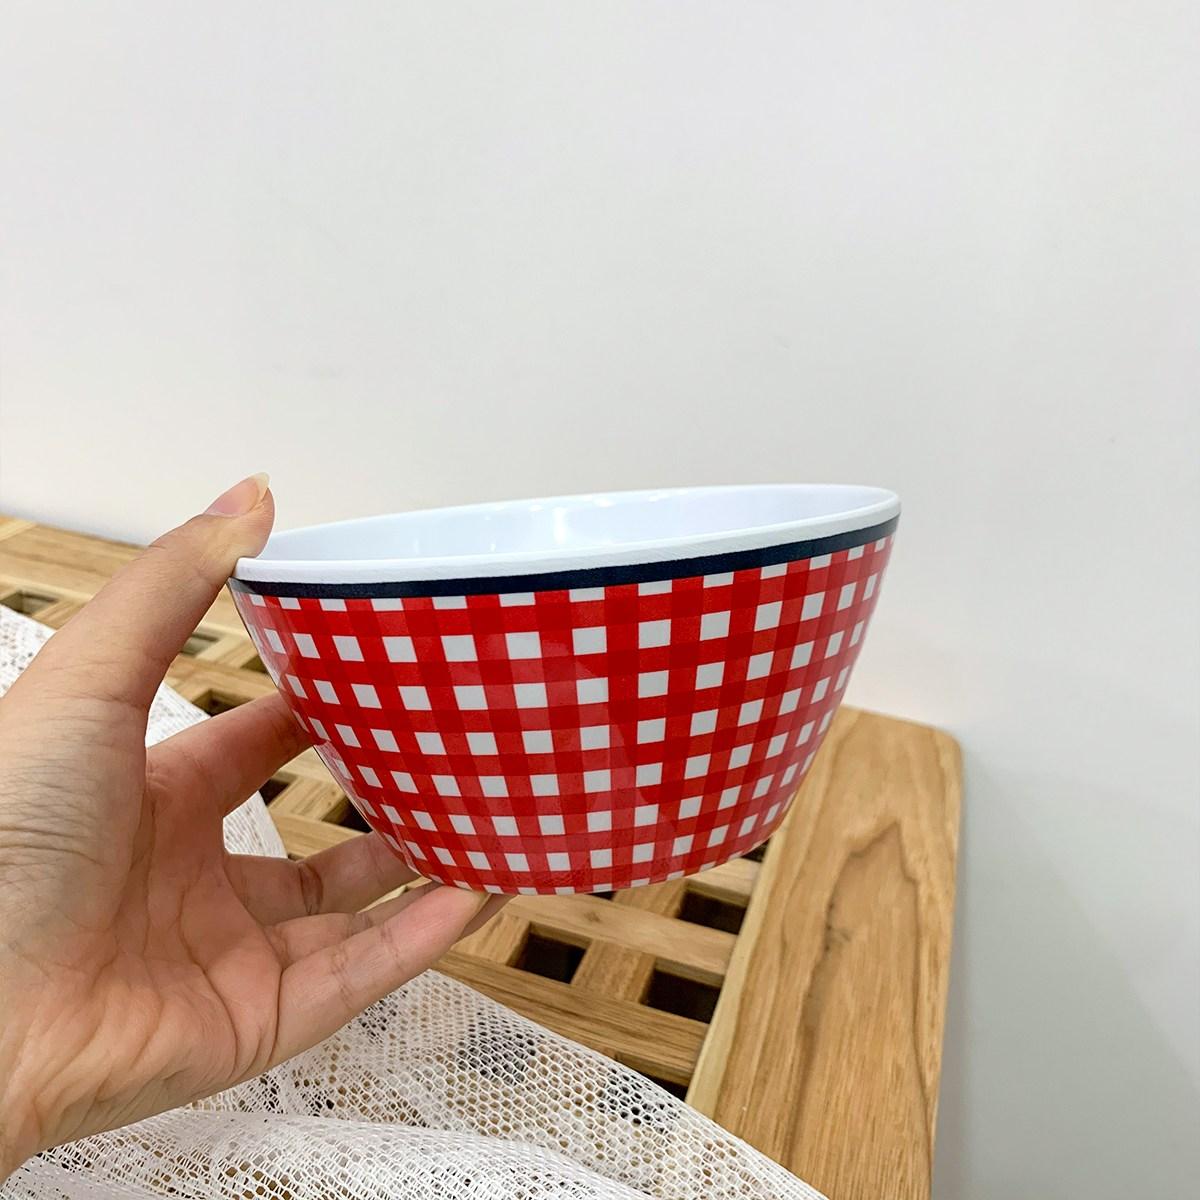 멜라민 체크 플레이트 볼 6종 요거트 보울 홈까페 빈티지 접시 안깨지는 감성 캠핑 그릇, 붉은 격자 그릇